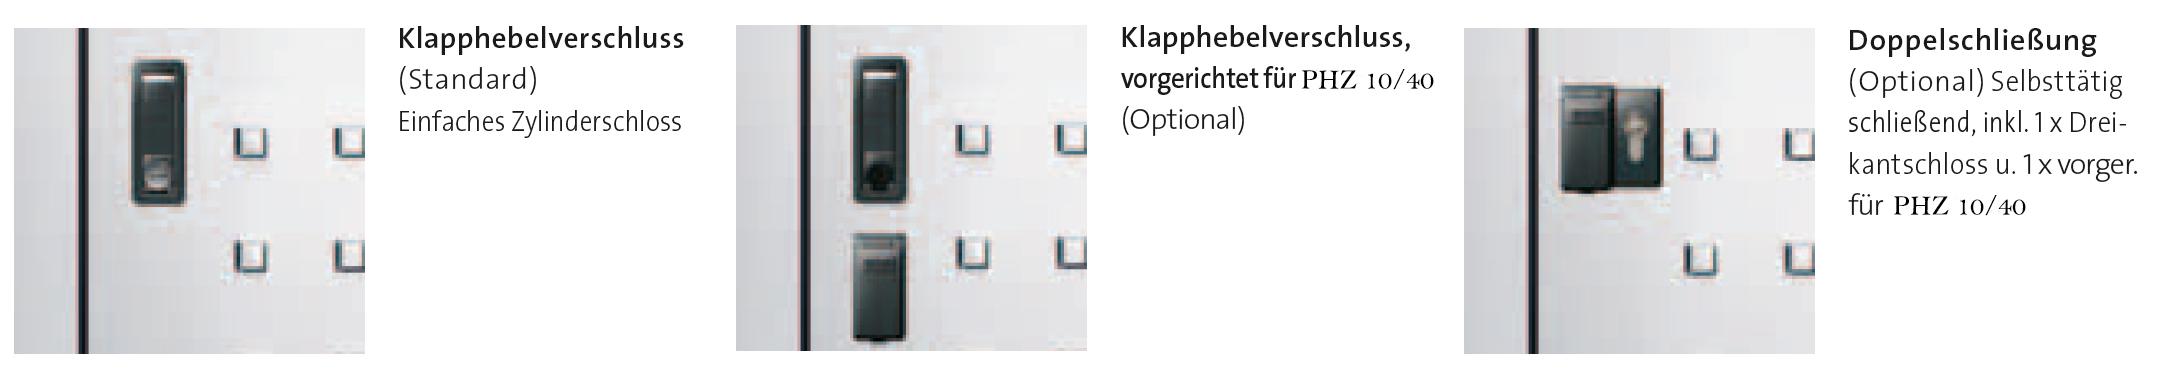 Verschluss-Systeme-Paul-Wolff-Silent-NEU